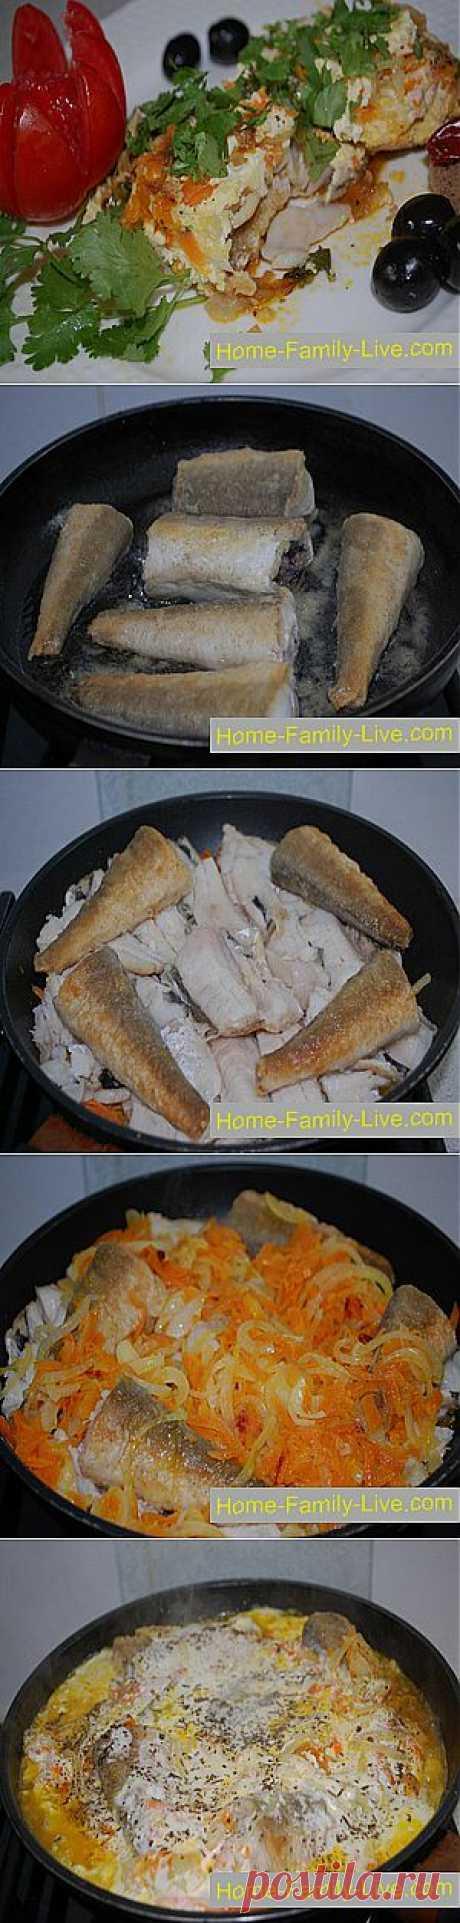 Рыба в молочном соусе